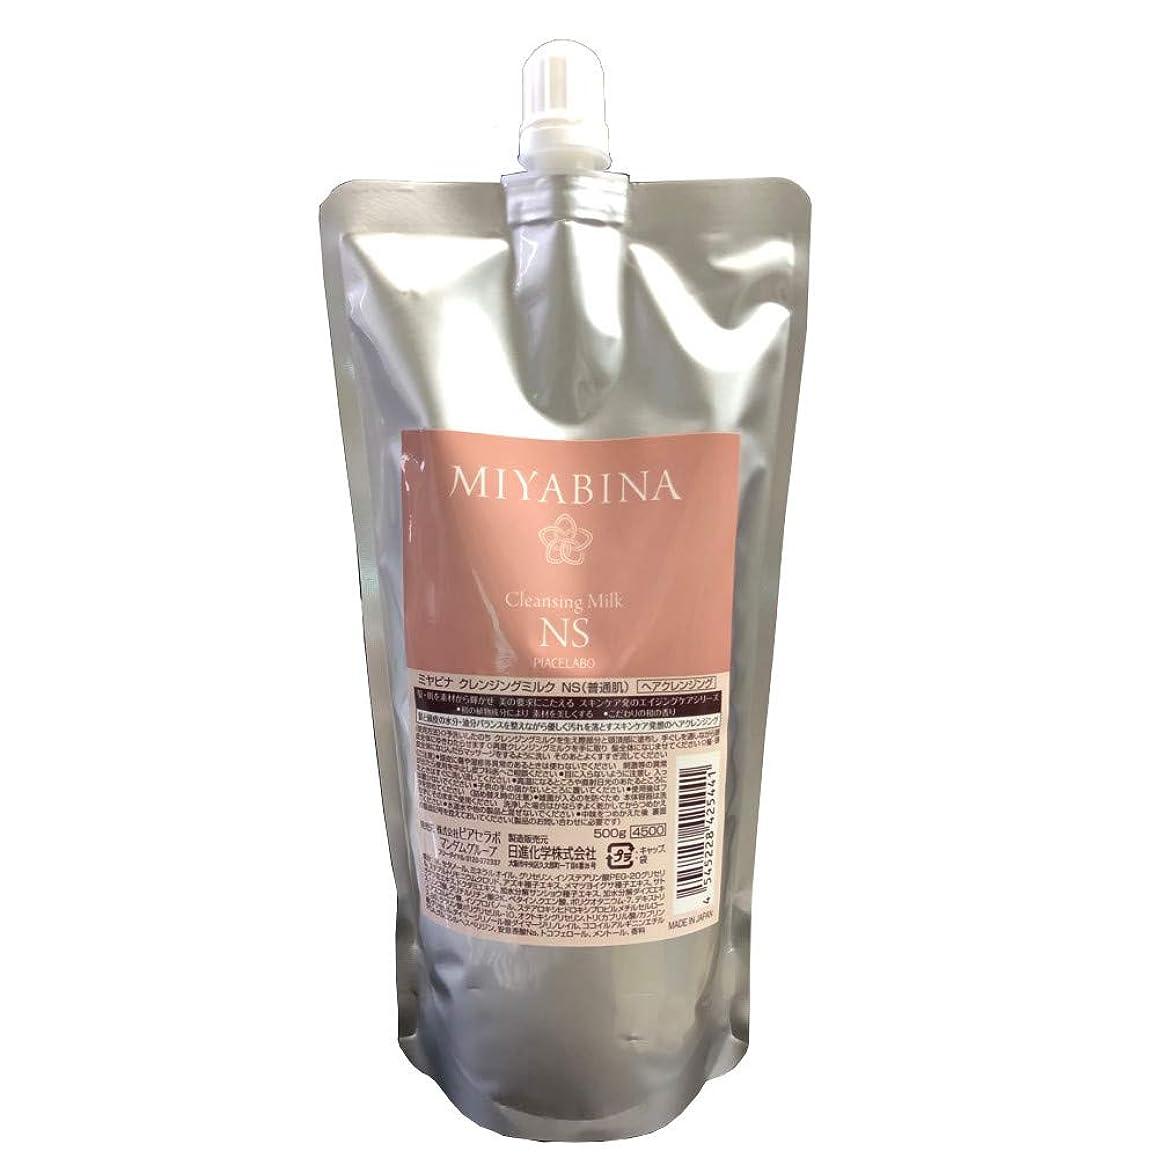 めったに自己影響力のあるミヤビナ クレンジングミルク NS(普通肌) 500g レフィル(詰め替え)